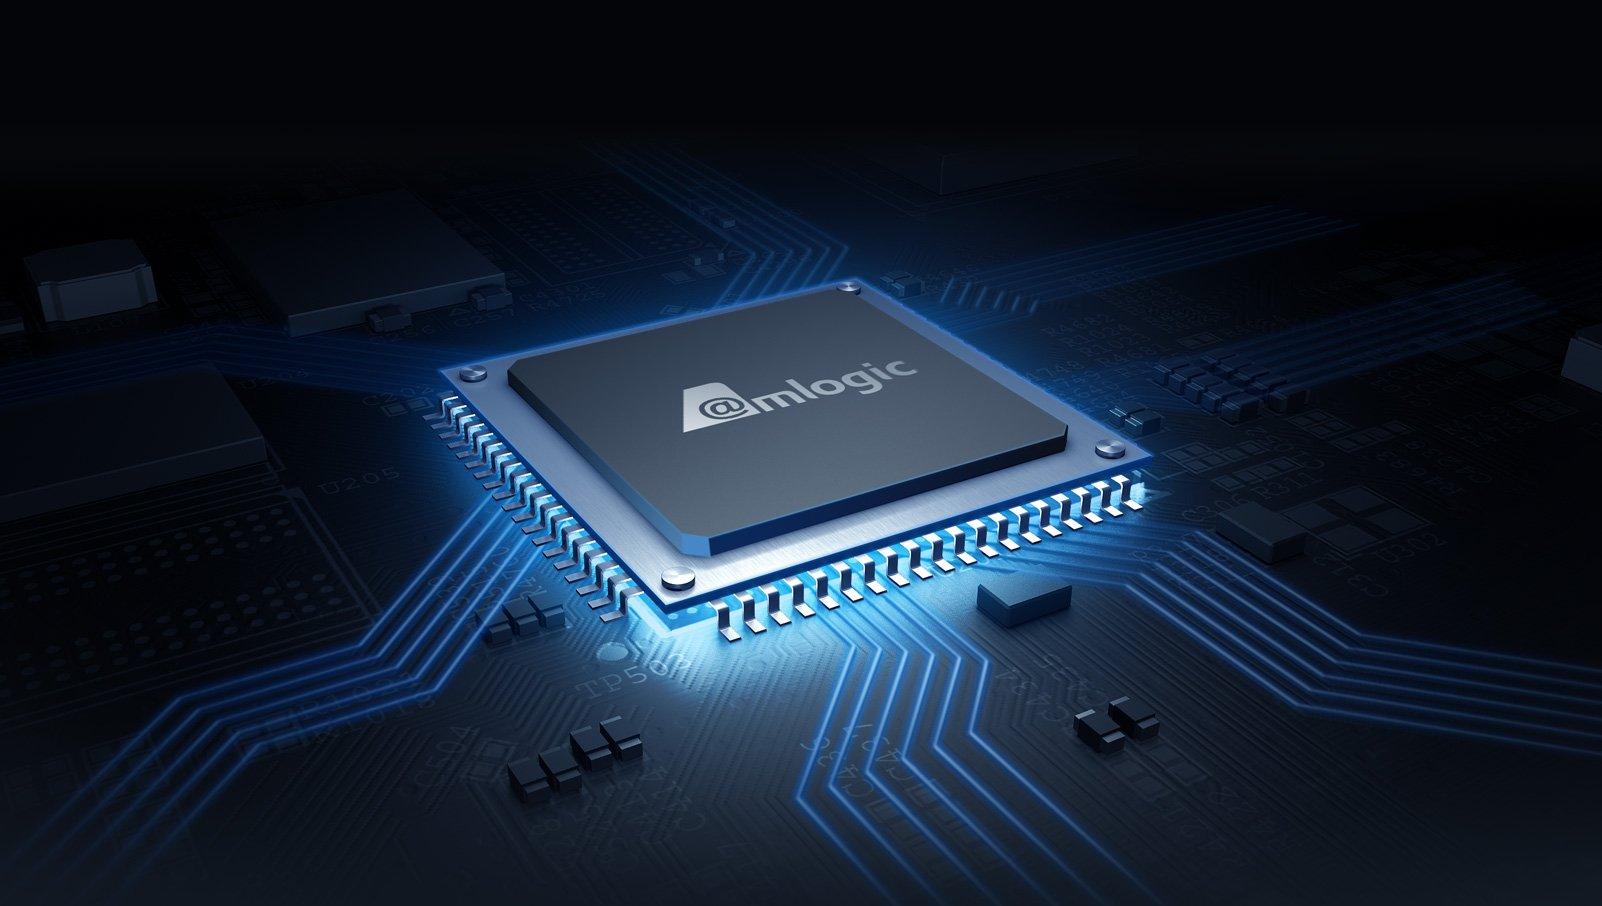 chip.jpg (1602×906)